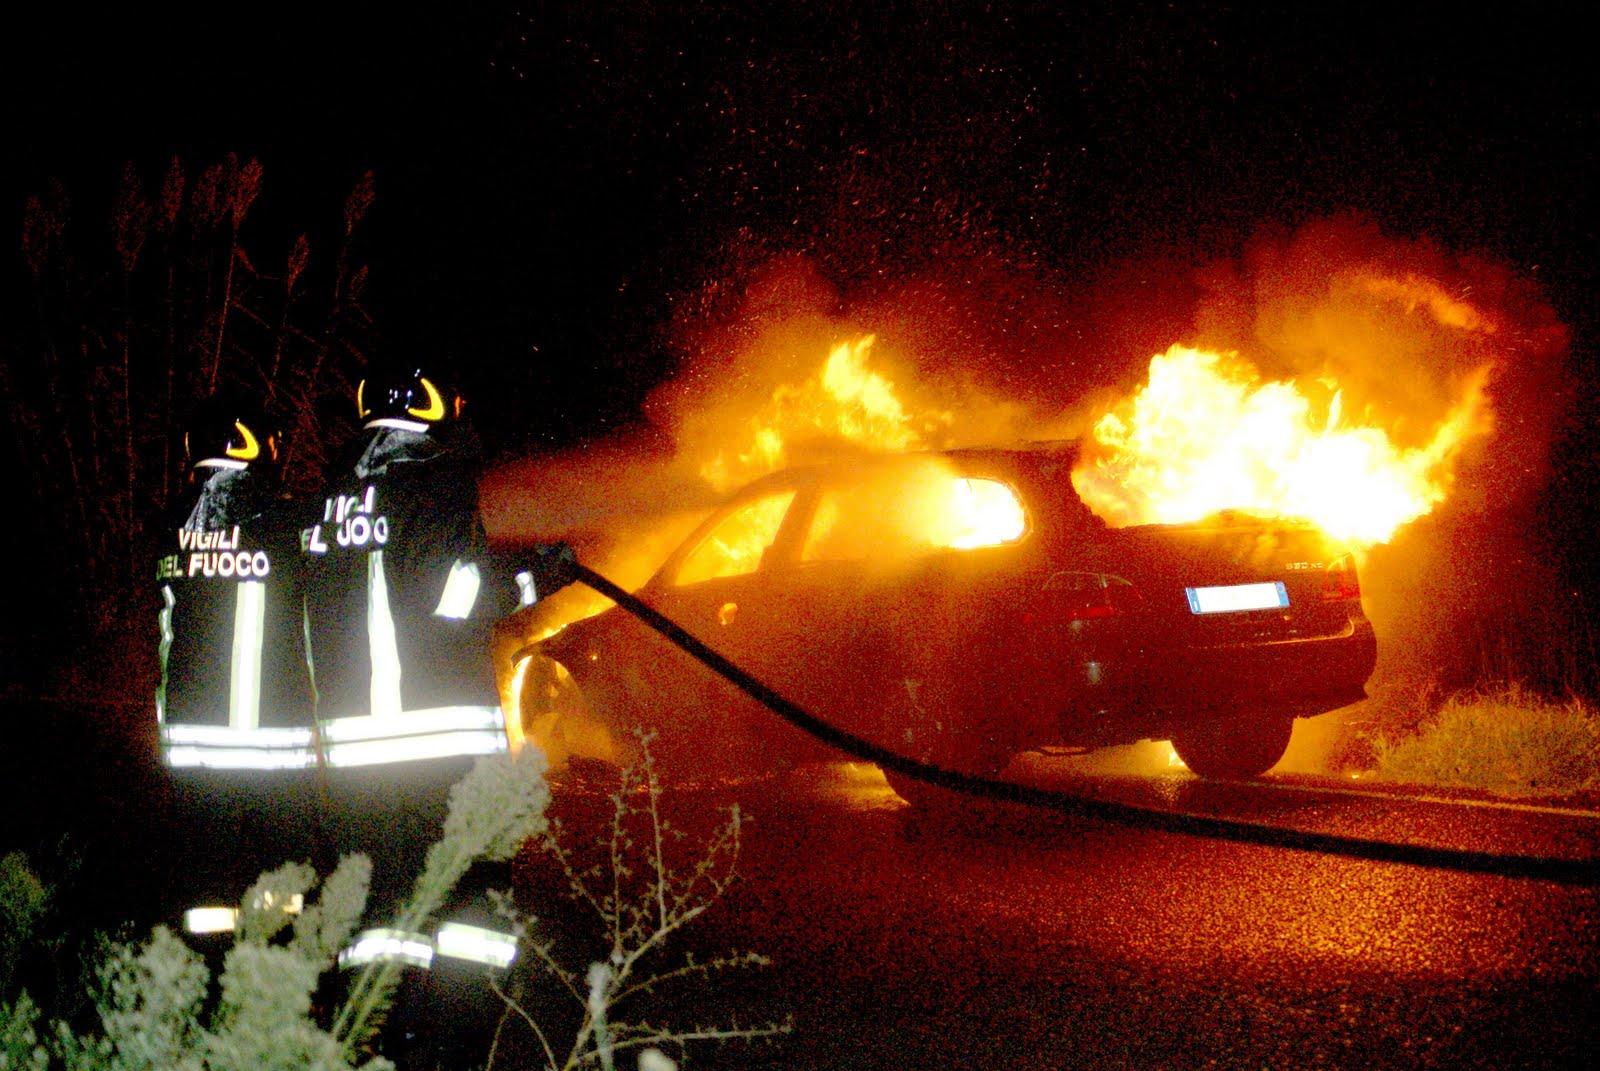 Incendi, auto in fiamme a Siracusa: indagini della polizia